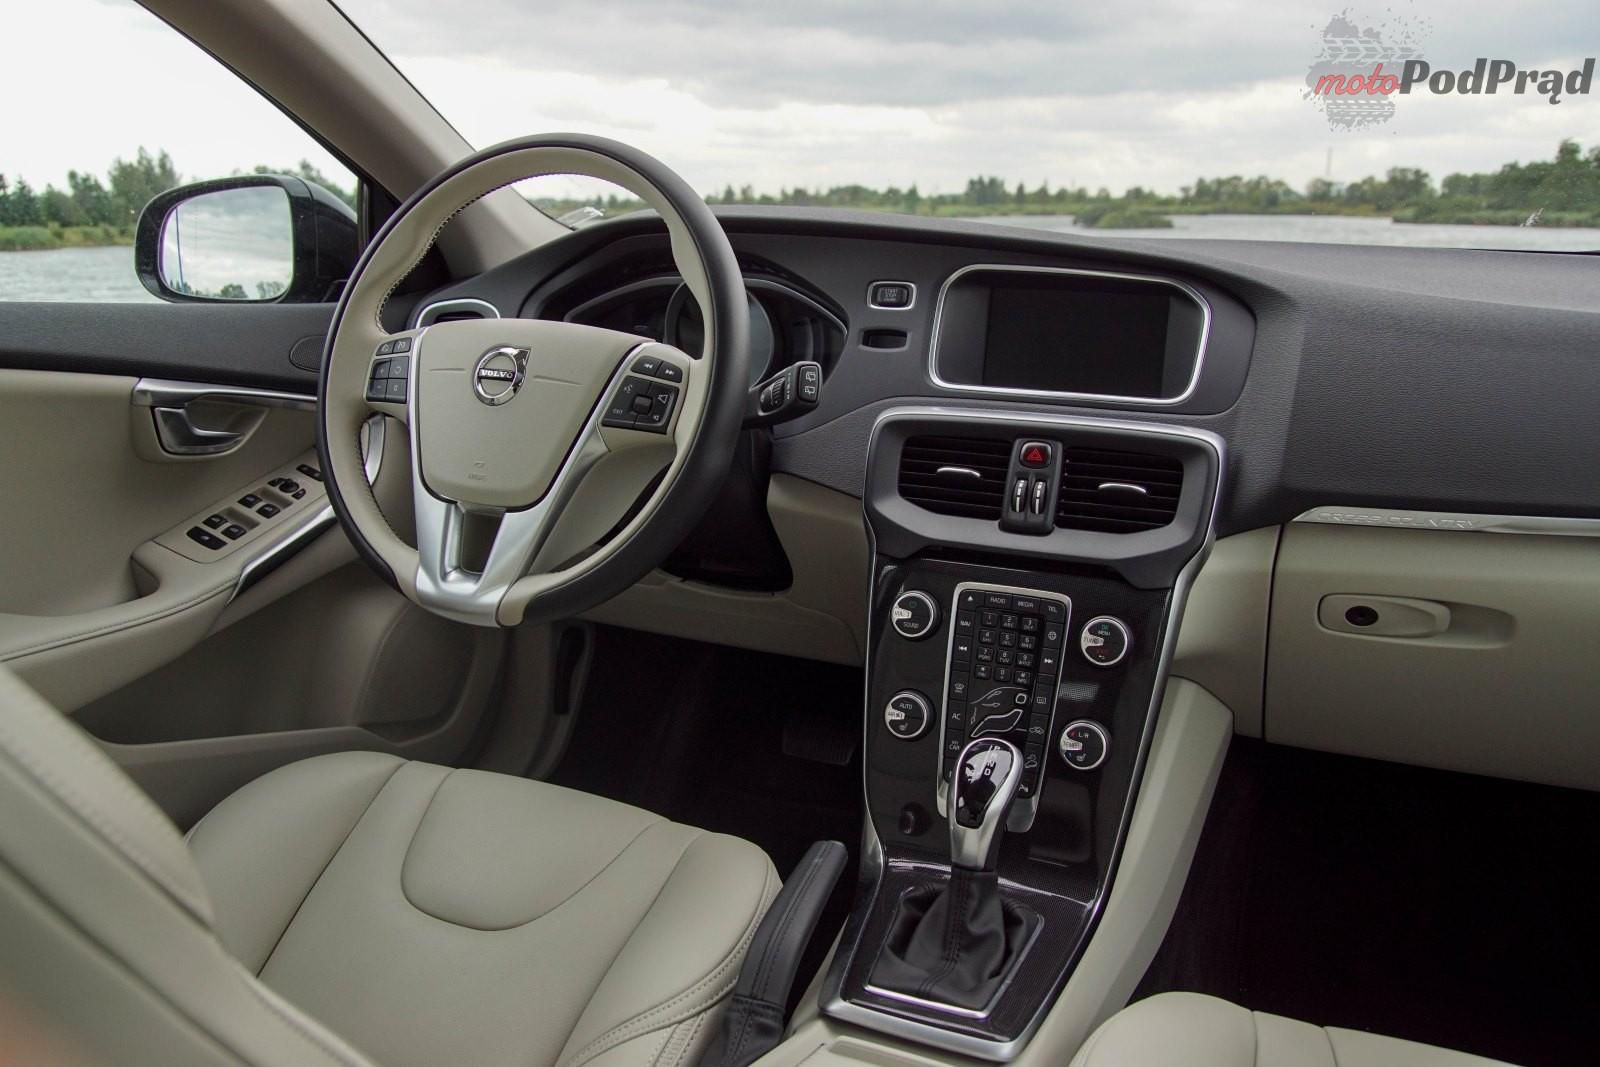 Volvo V40 CC 9 Test: Volvo V40 T5 AWD Cross Country – mocny, uterenowiony hatchback